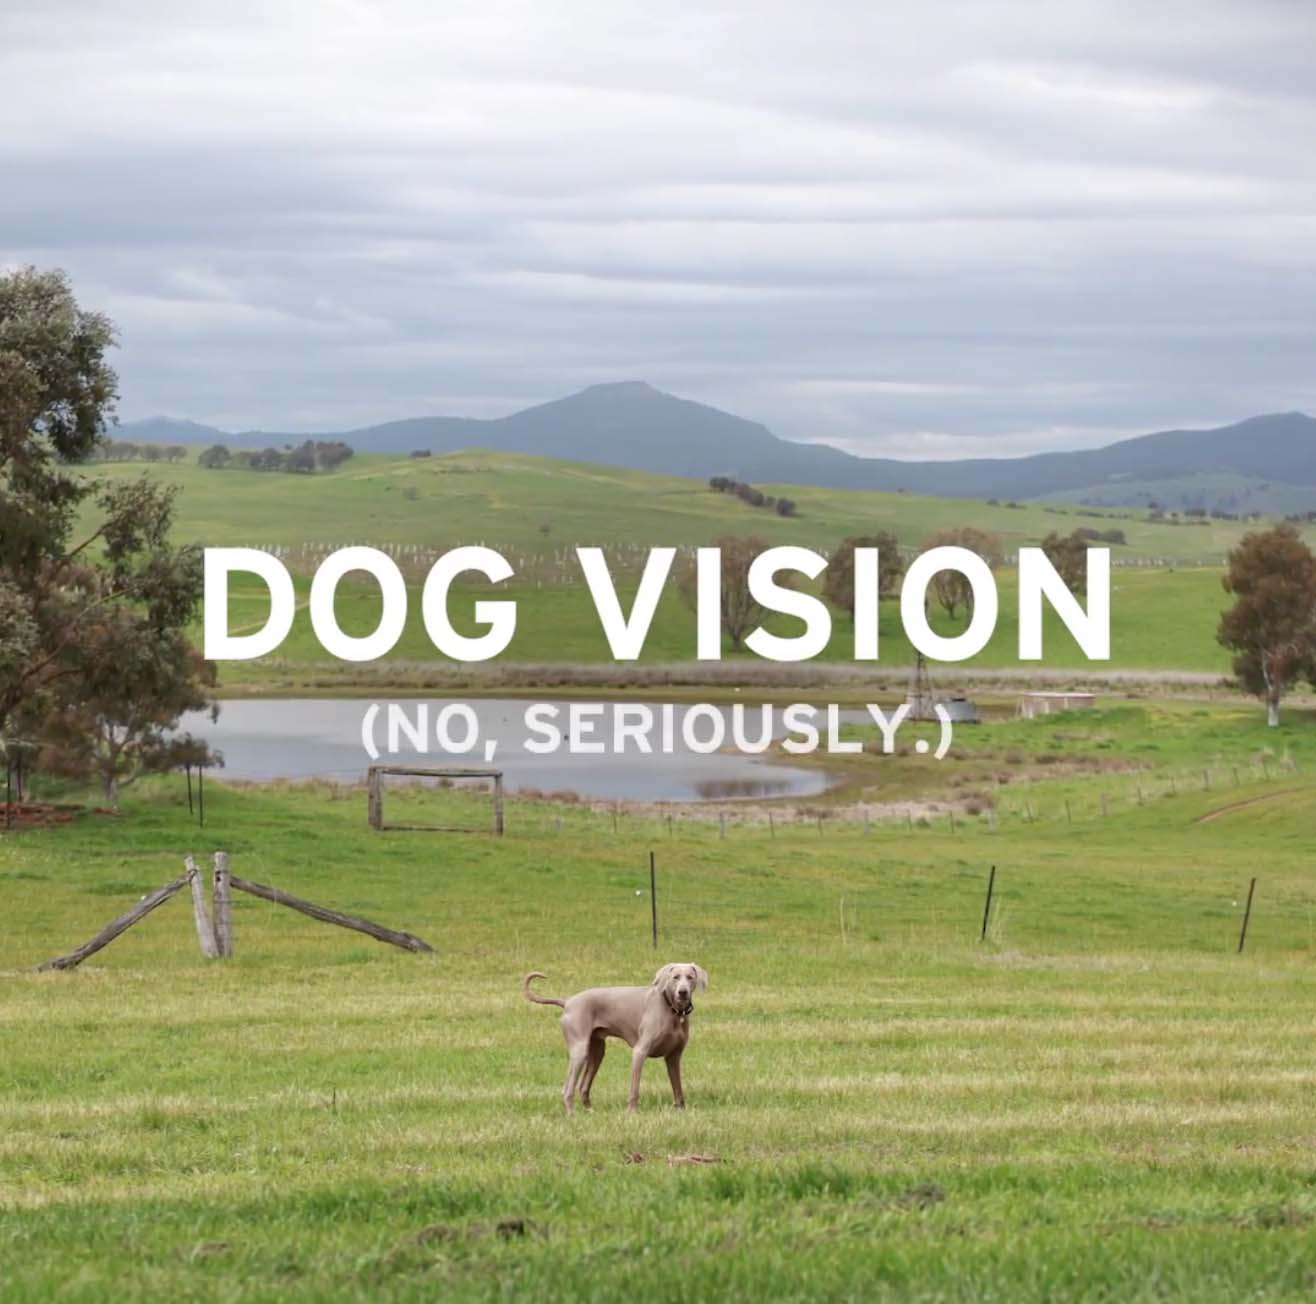 DOG-VISION-1.jpg